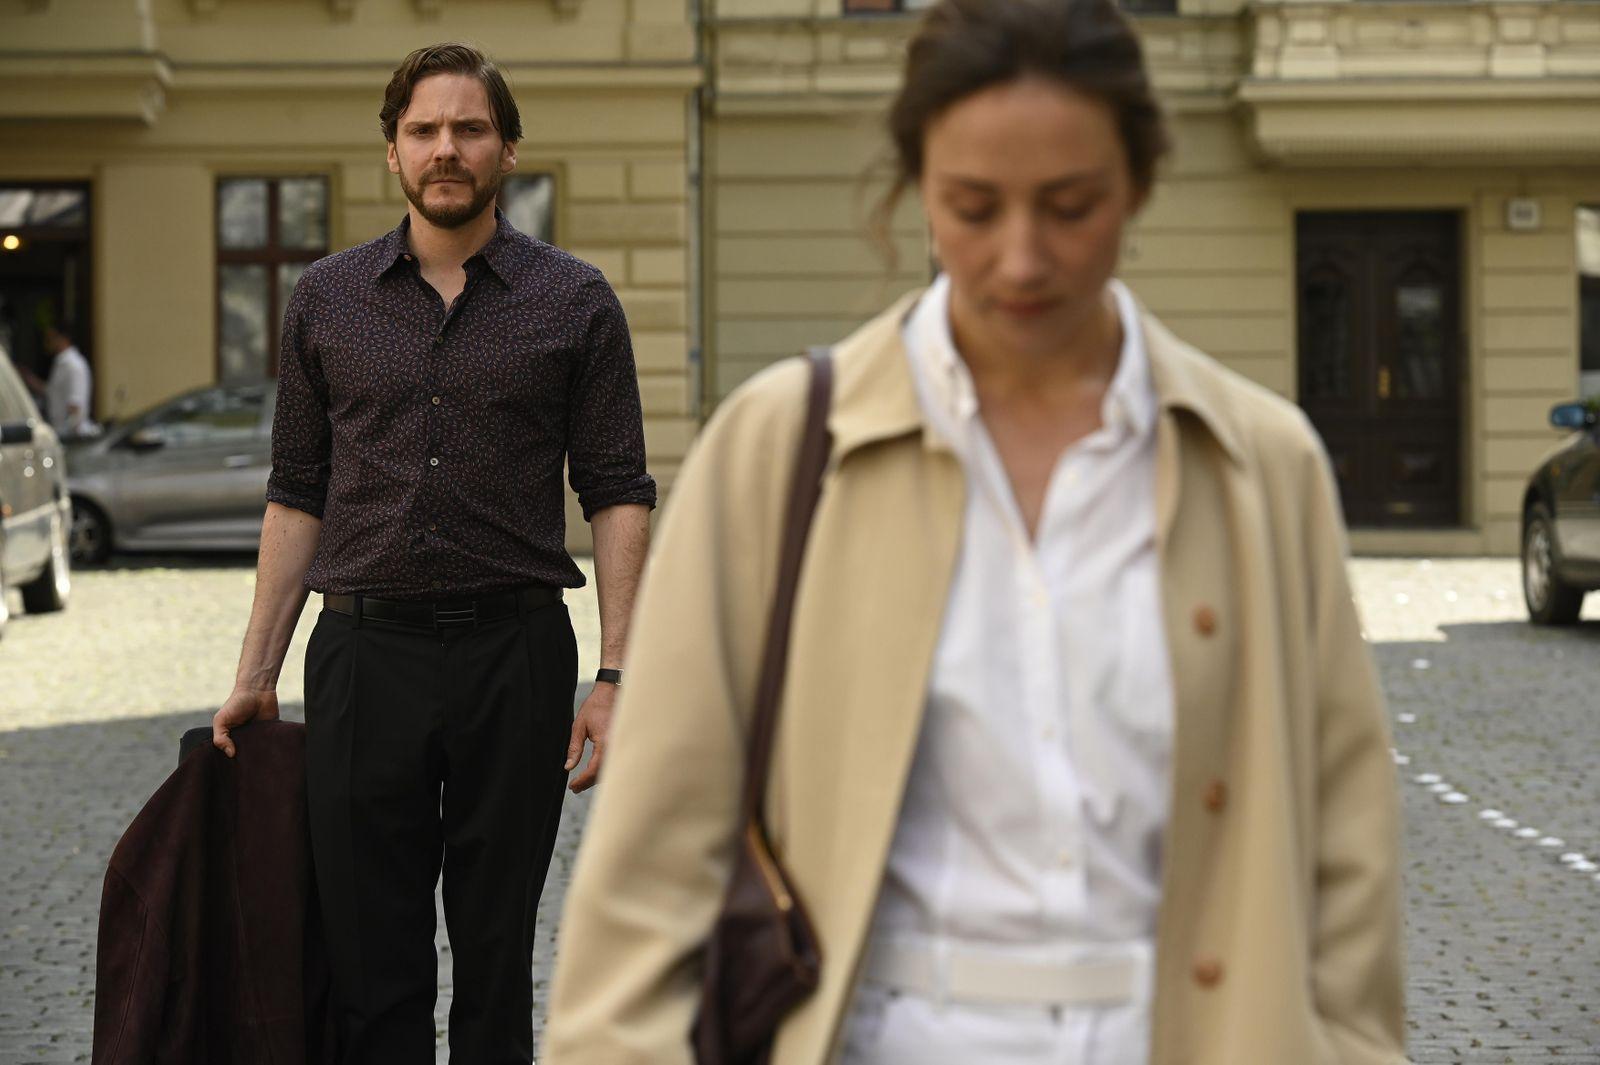 Berlinale/ Wettbewerb/ Nebenan